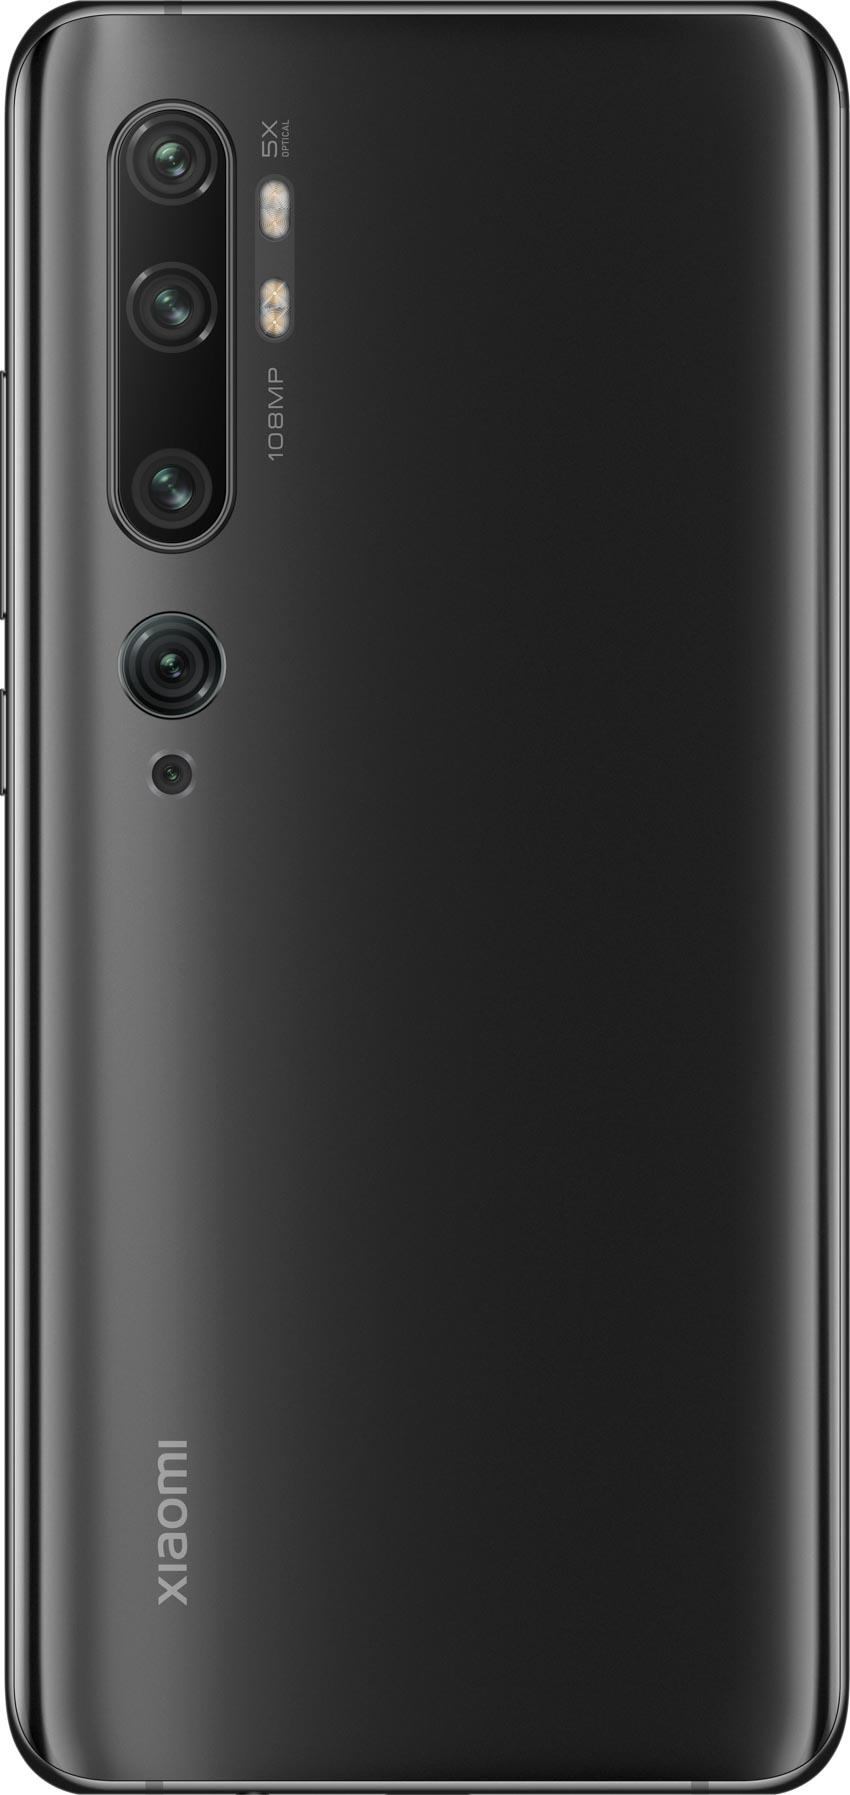 Xiaomi mang điện thoại cao cấp mới nhất Mi Note 10 đến Việt Nam - 8